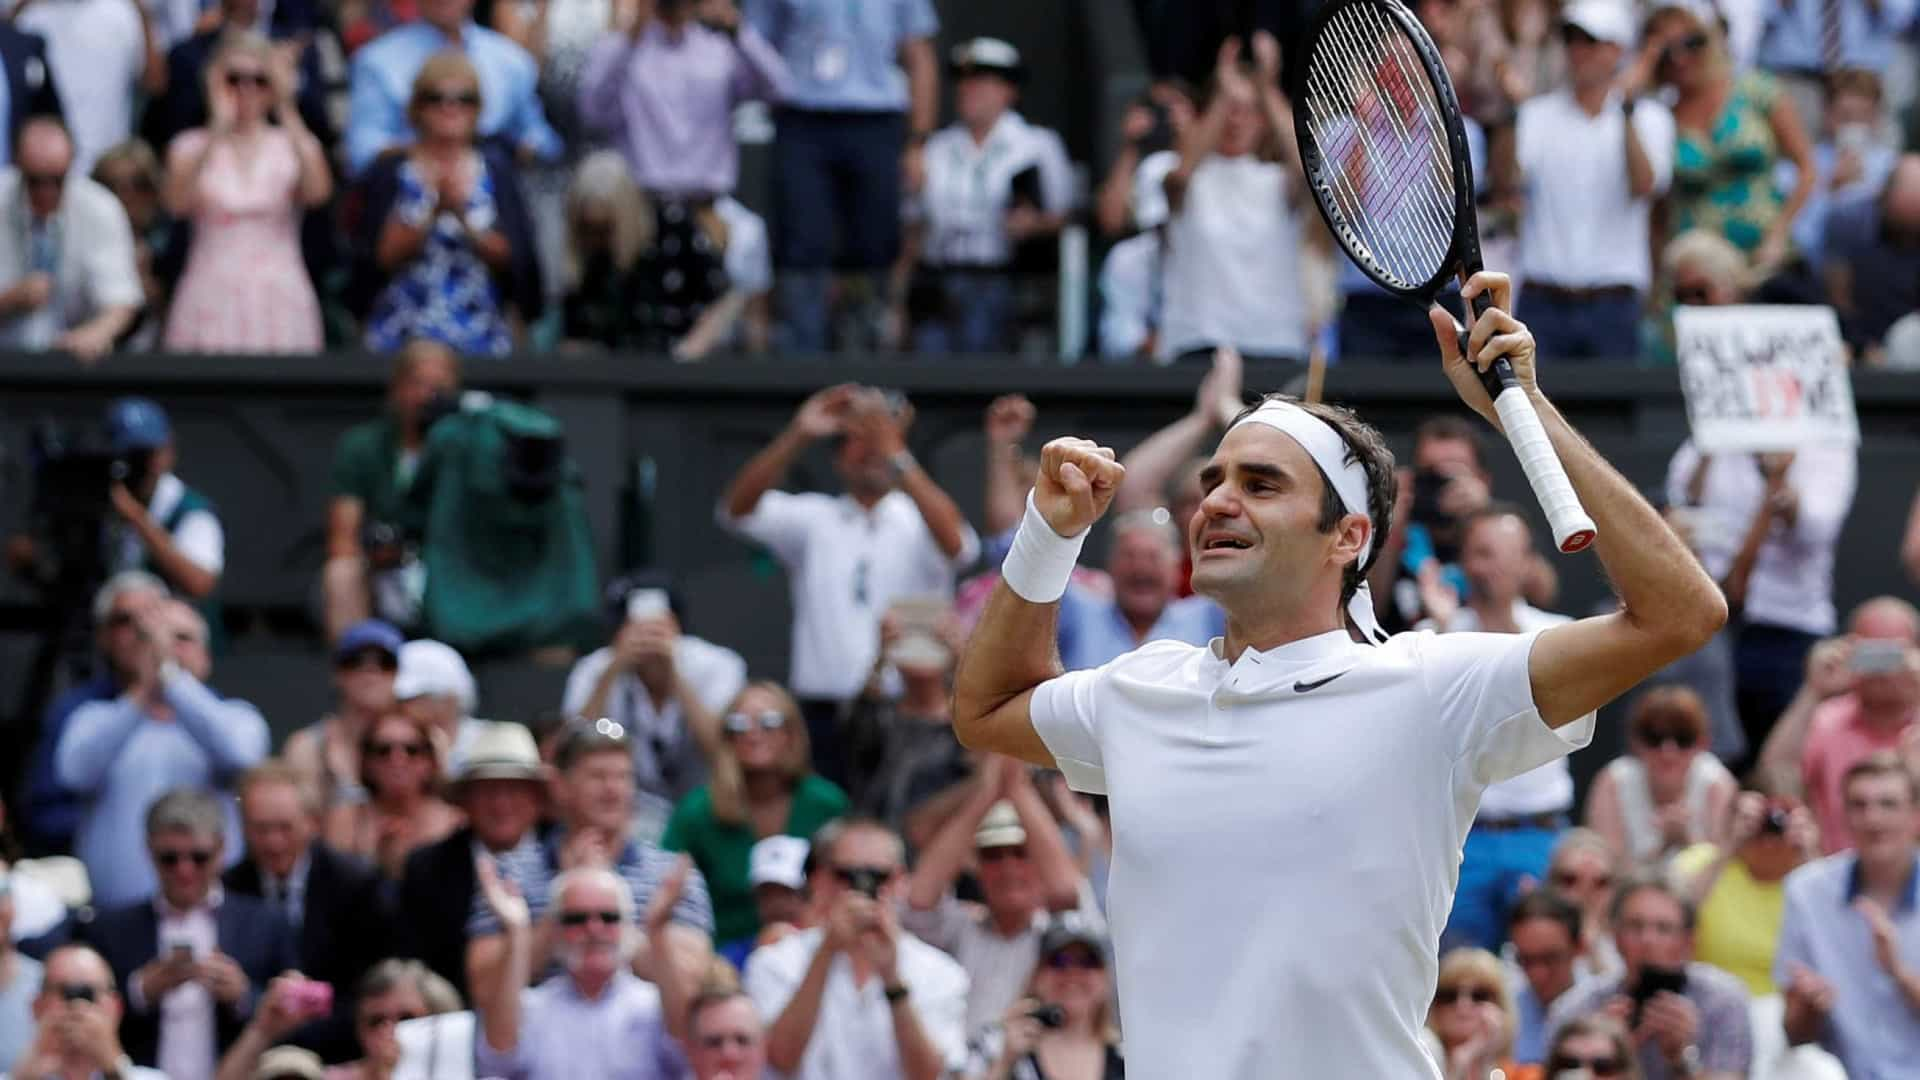 Uma vitória histórica que terminou em lágrimas: Federer continua o legado